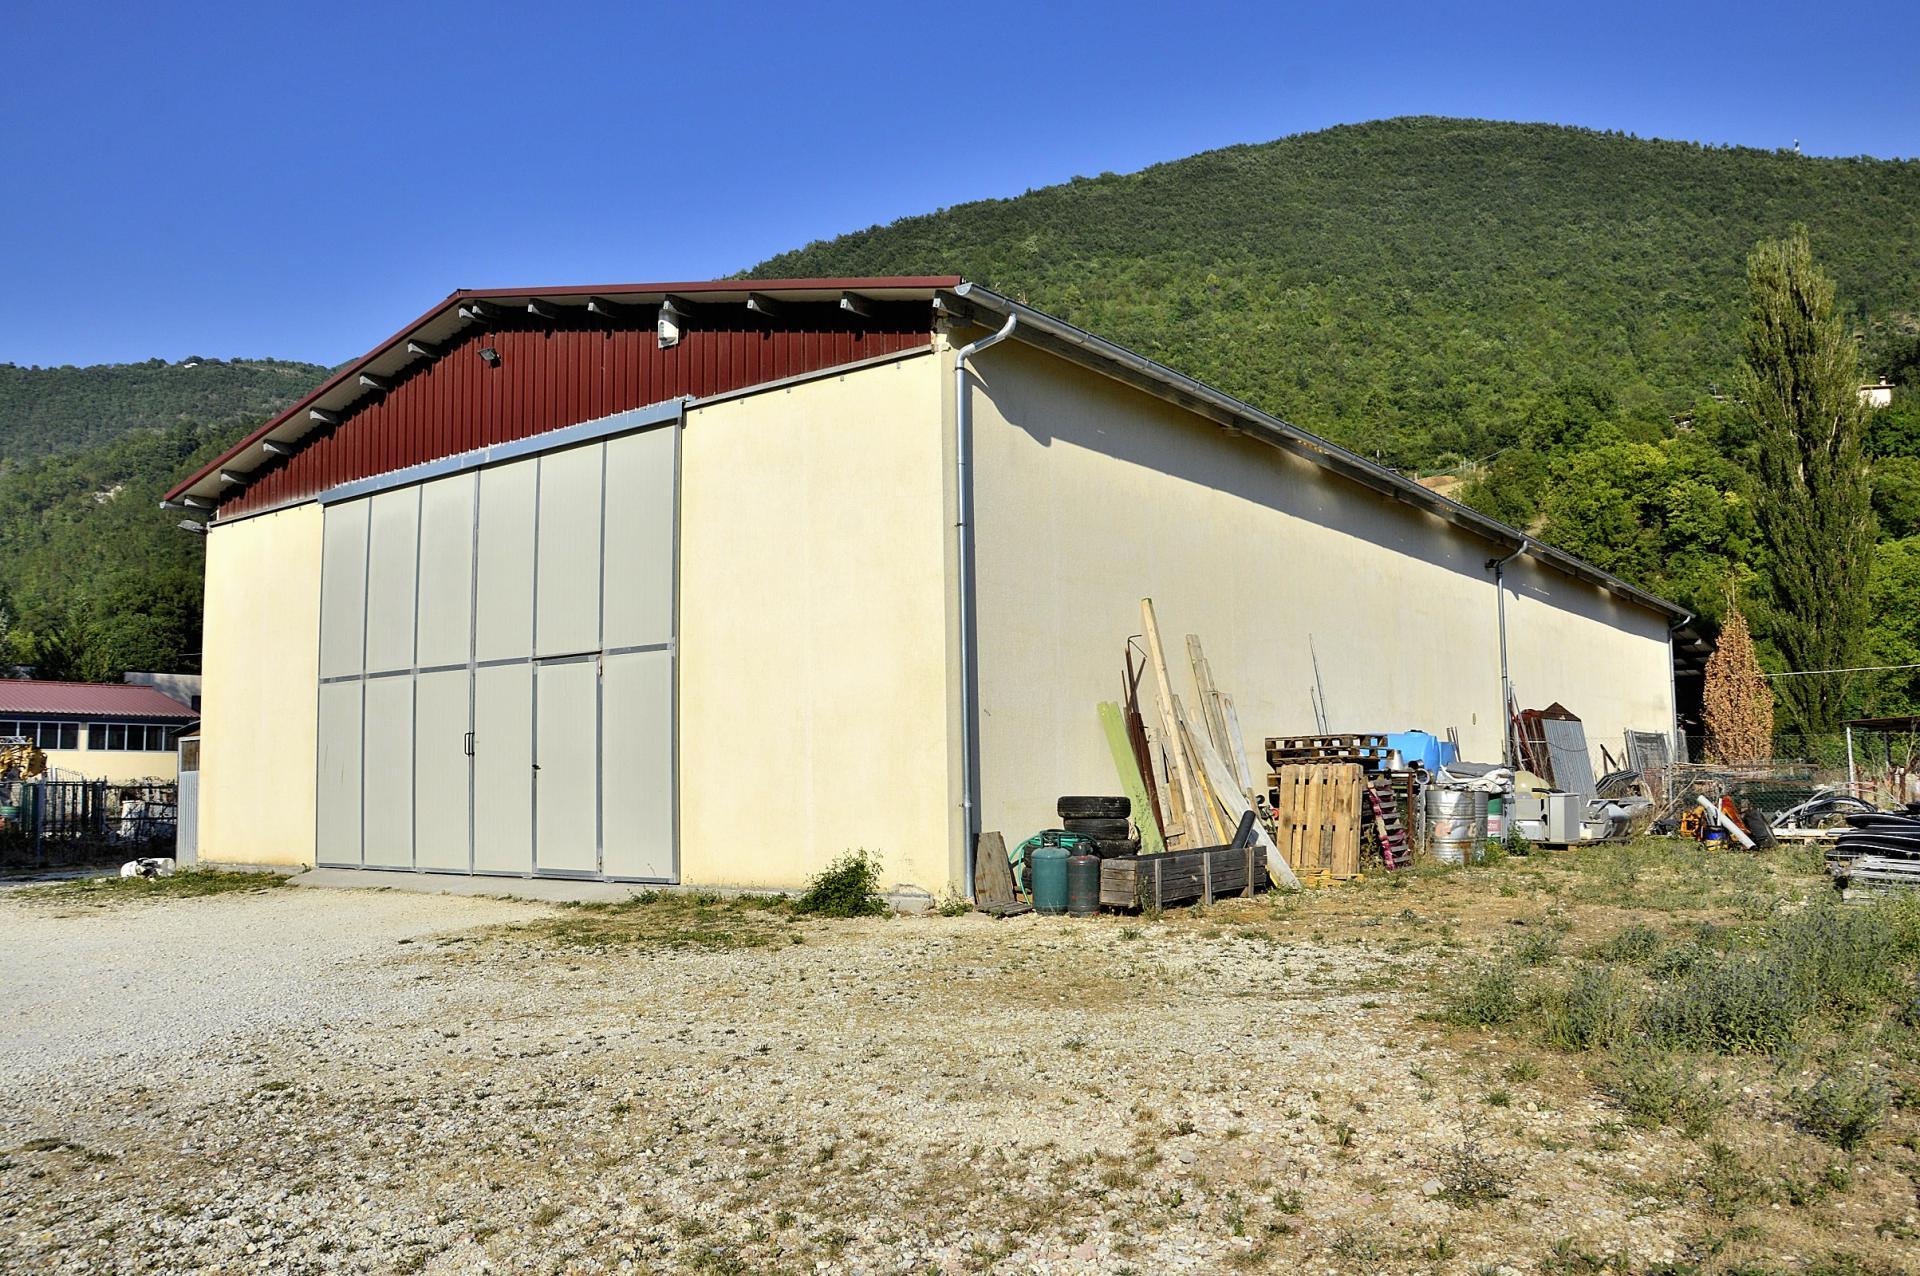 Capannone in vendita a Cerreto di Spoleto, 9999 locali, zona Località: BorgoCerreto, prezzo € 300.000 | CambioCasa.it